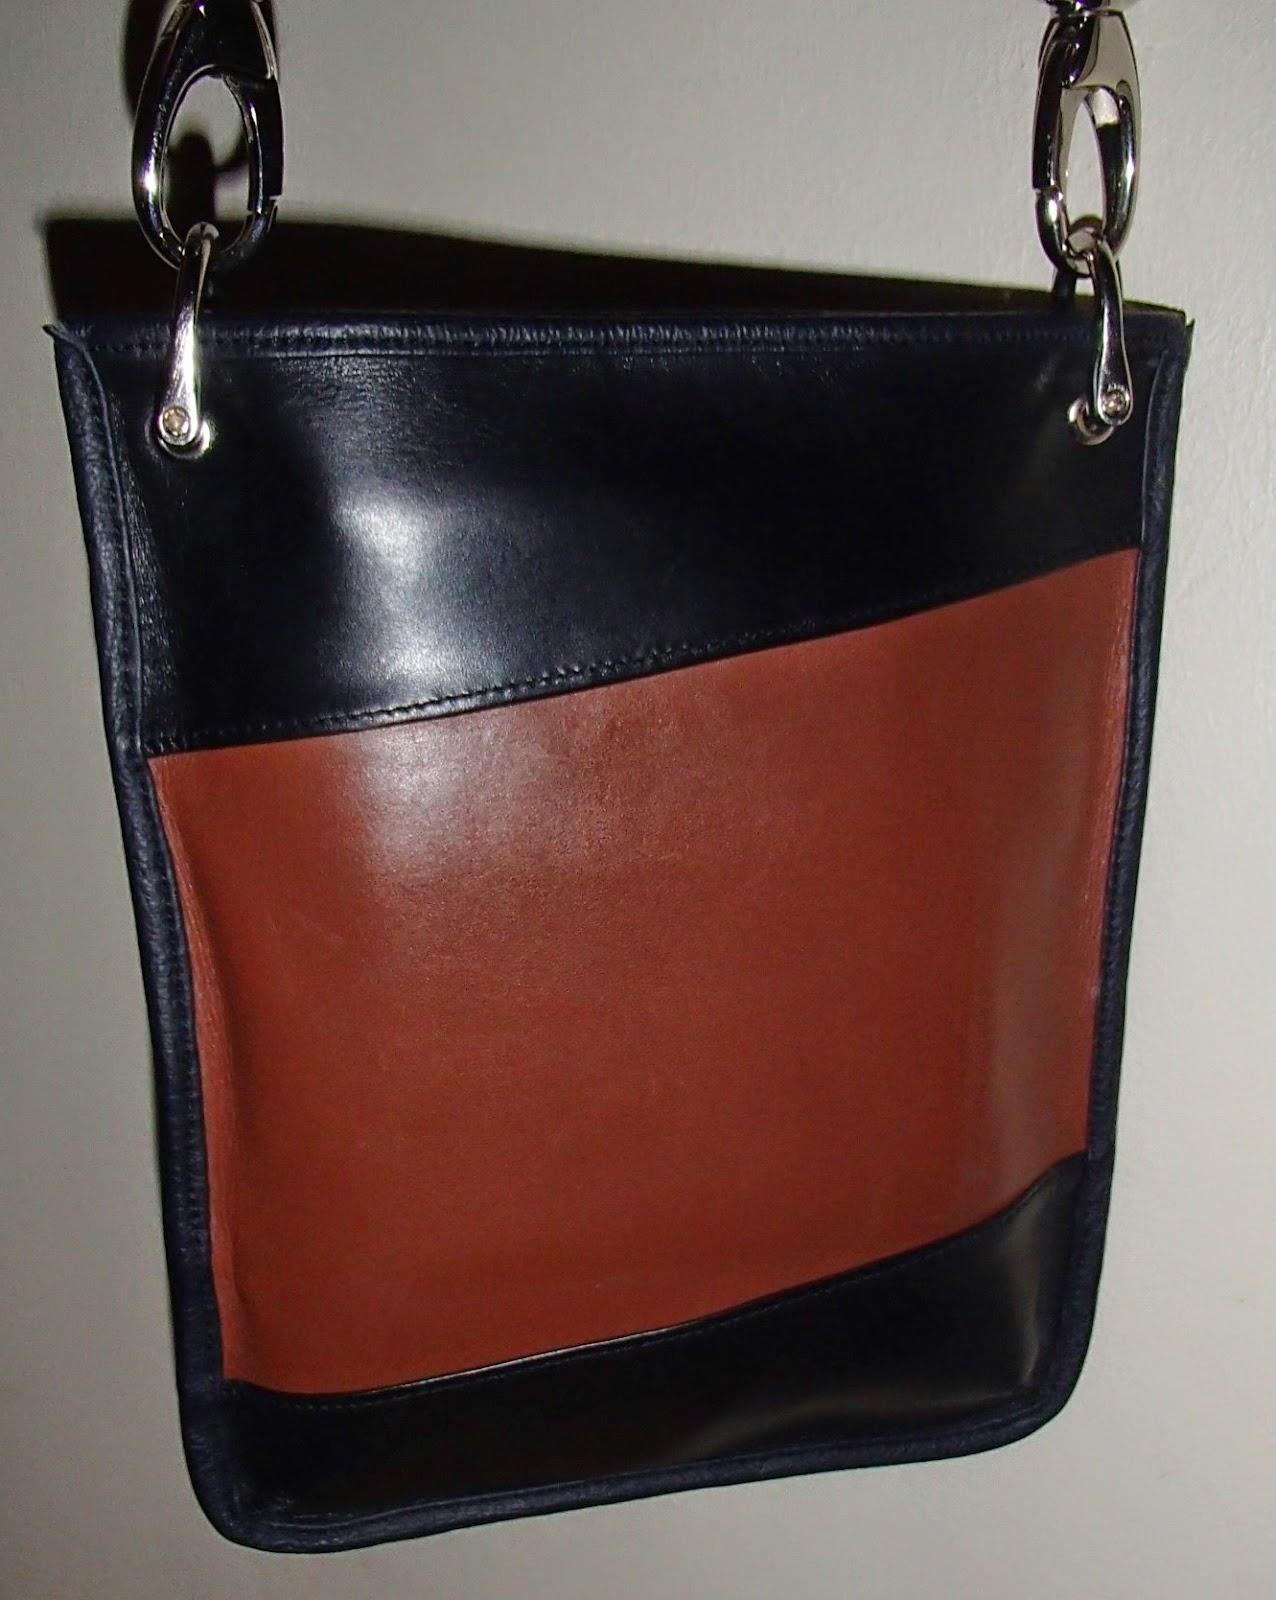 Vue du sac à main en cuir bicolore